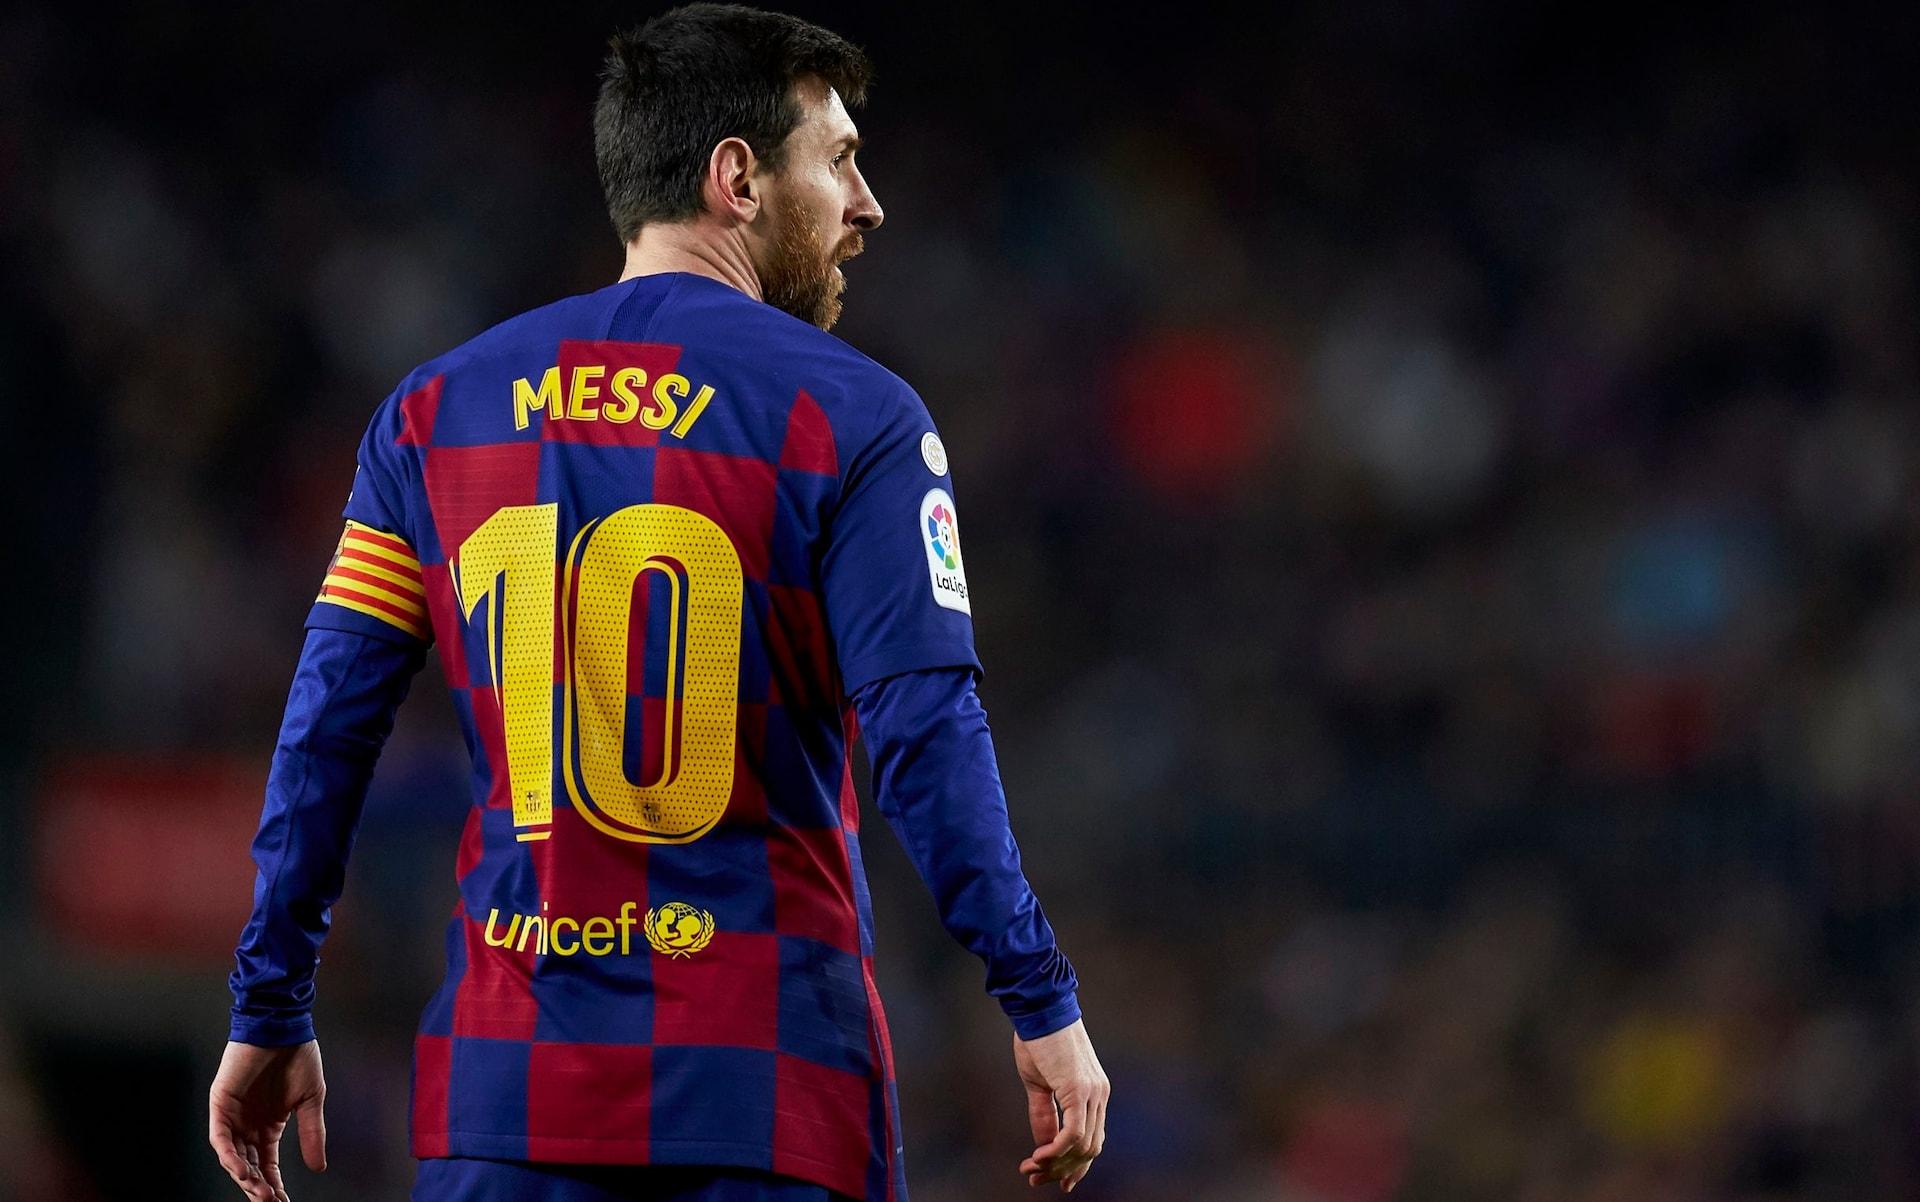 در ادامه قصد داریم شما را با 10 ستاره برتر دنیای فوتبال که تمام دوران بازی خود را در یک تیم ماندند و اسطوره وفاداری هستند آشنا کنیم.